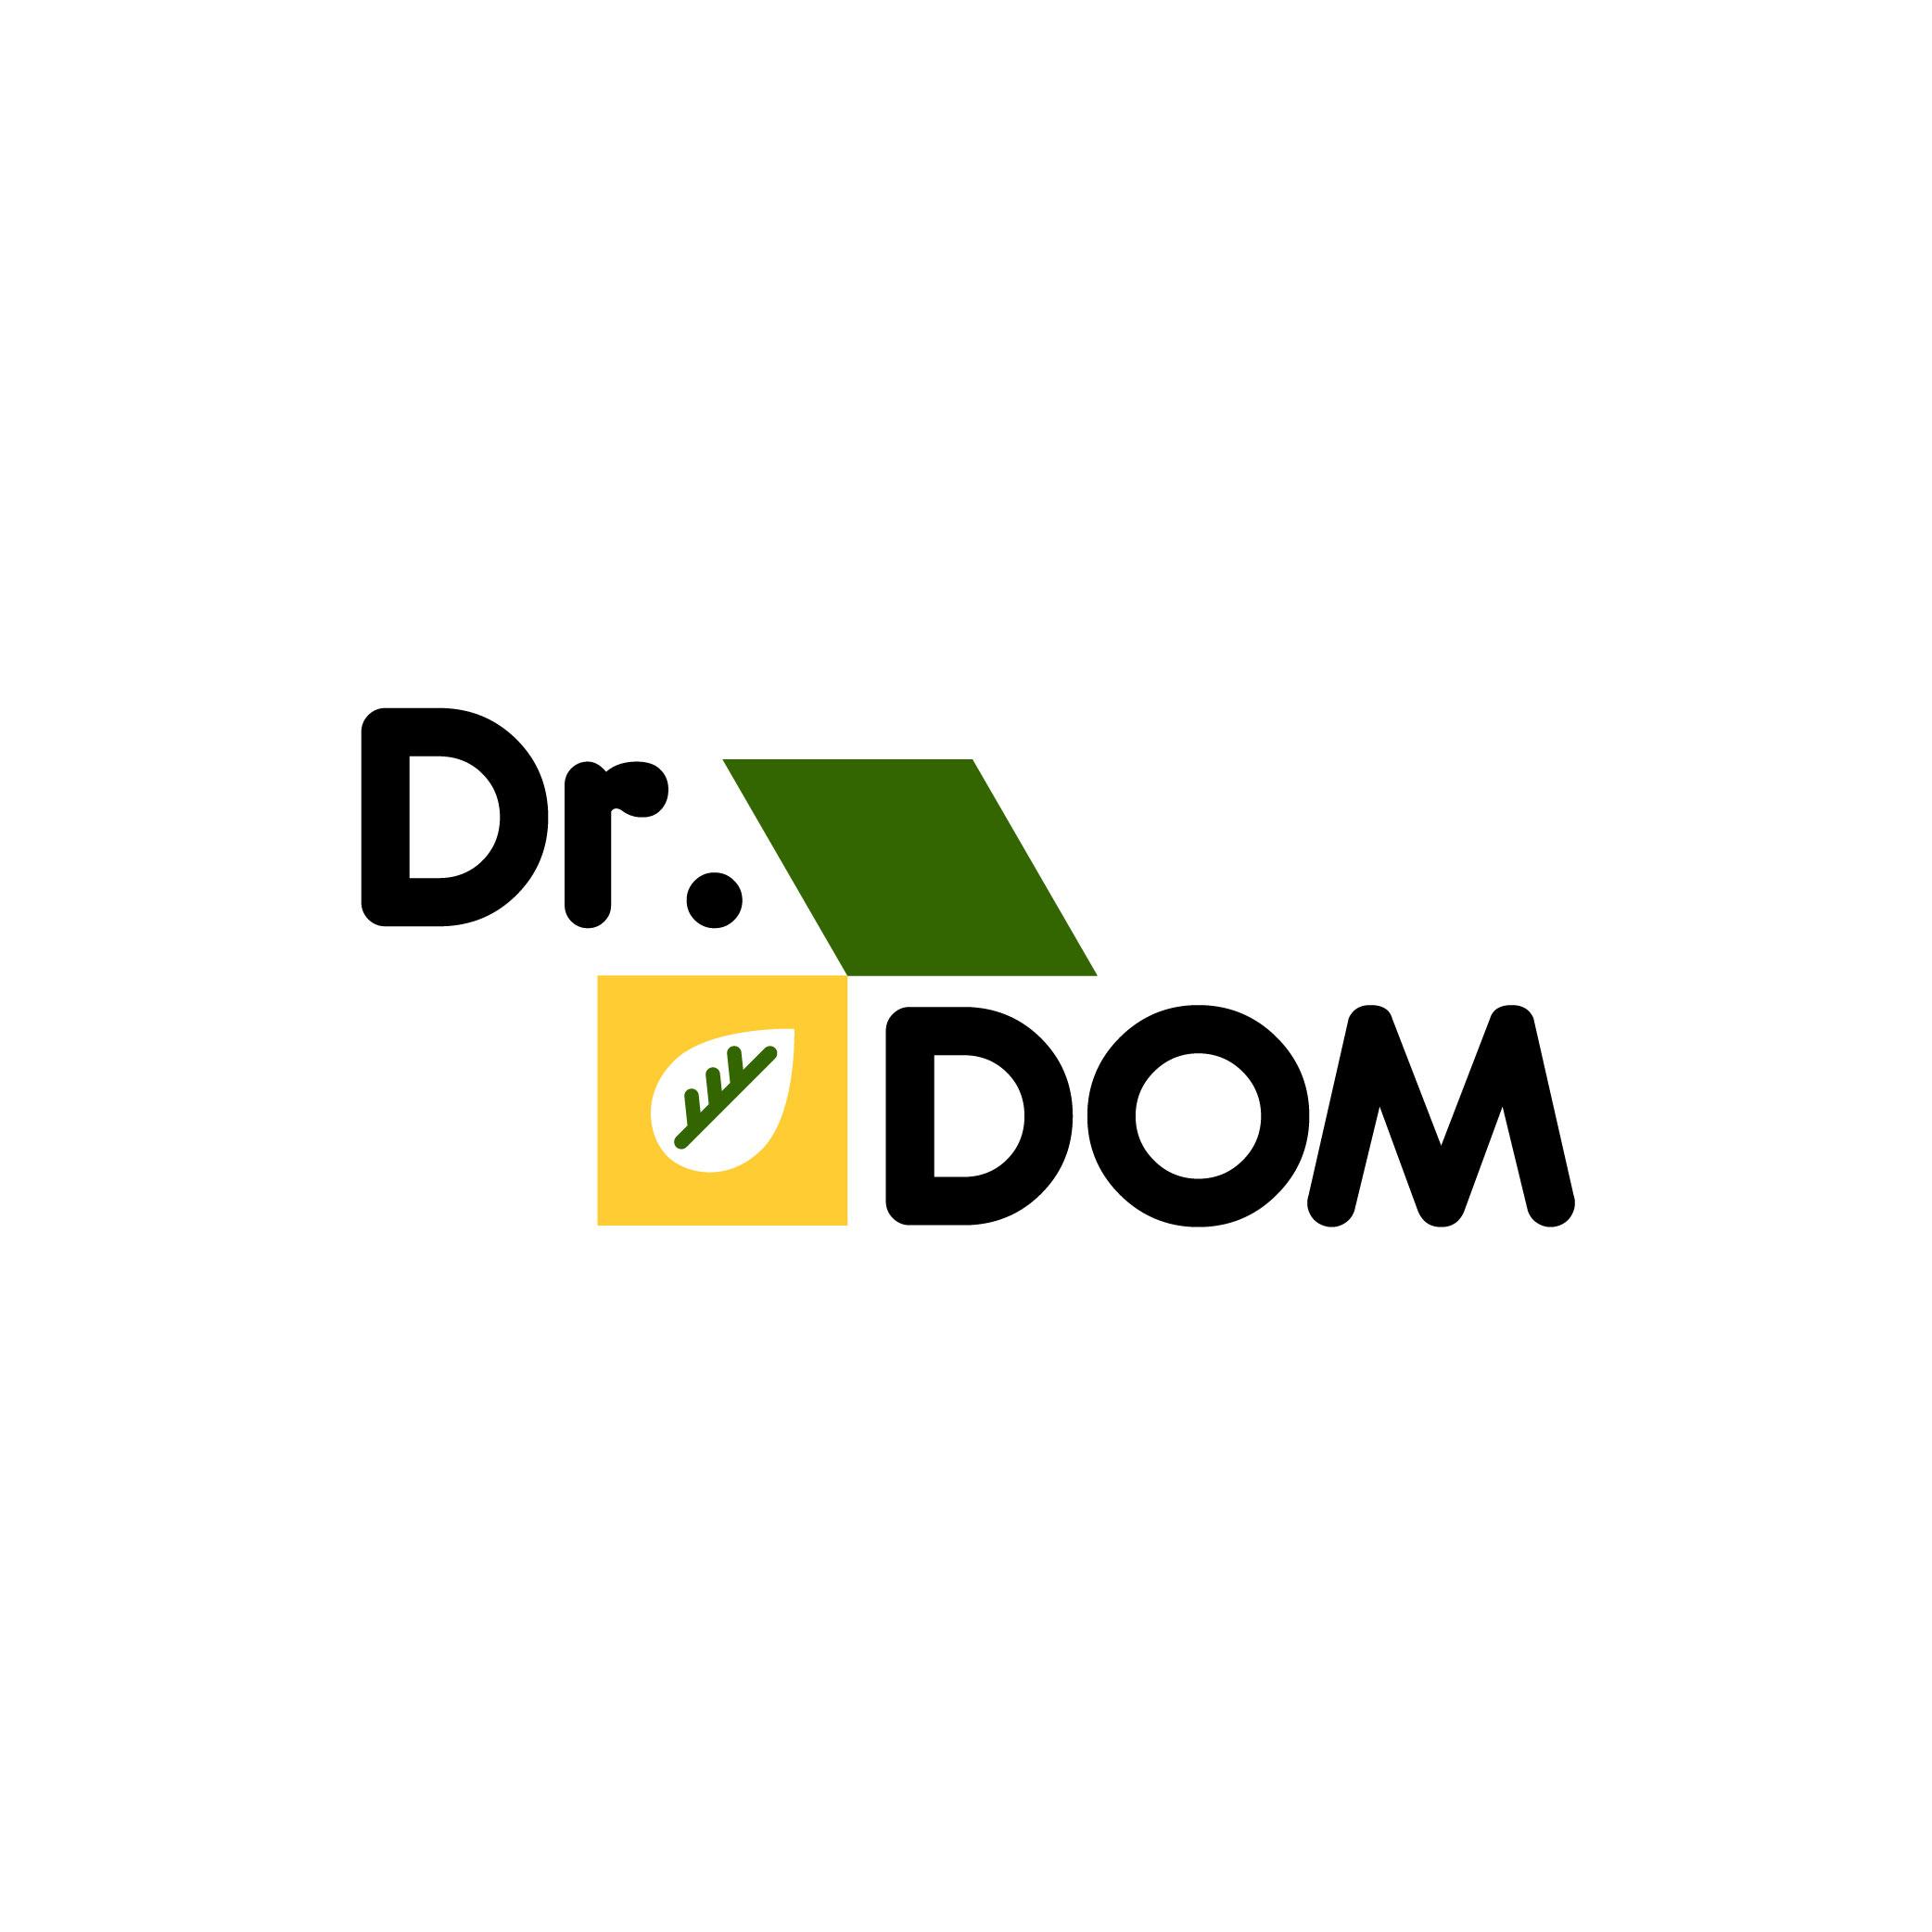 Разработать логотип для сети магазинов бытовой химии и товаров для уборки фото f_9855ffe8b90ceb41.jpg